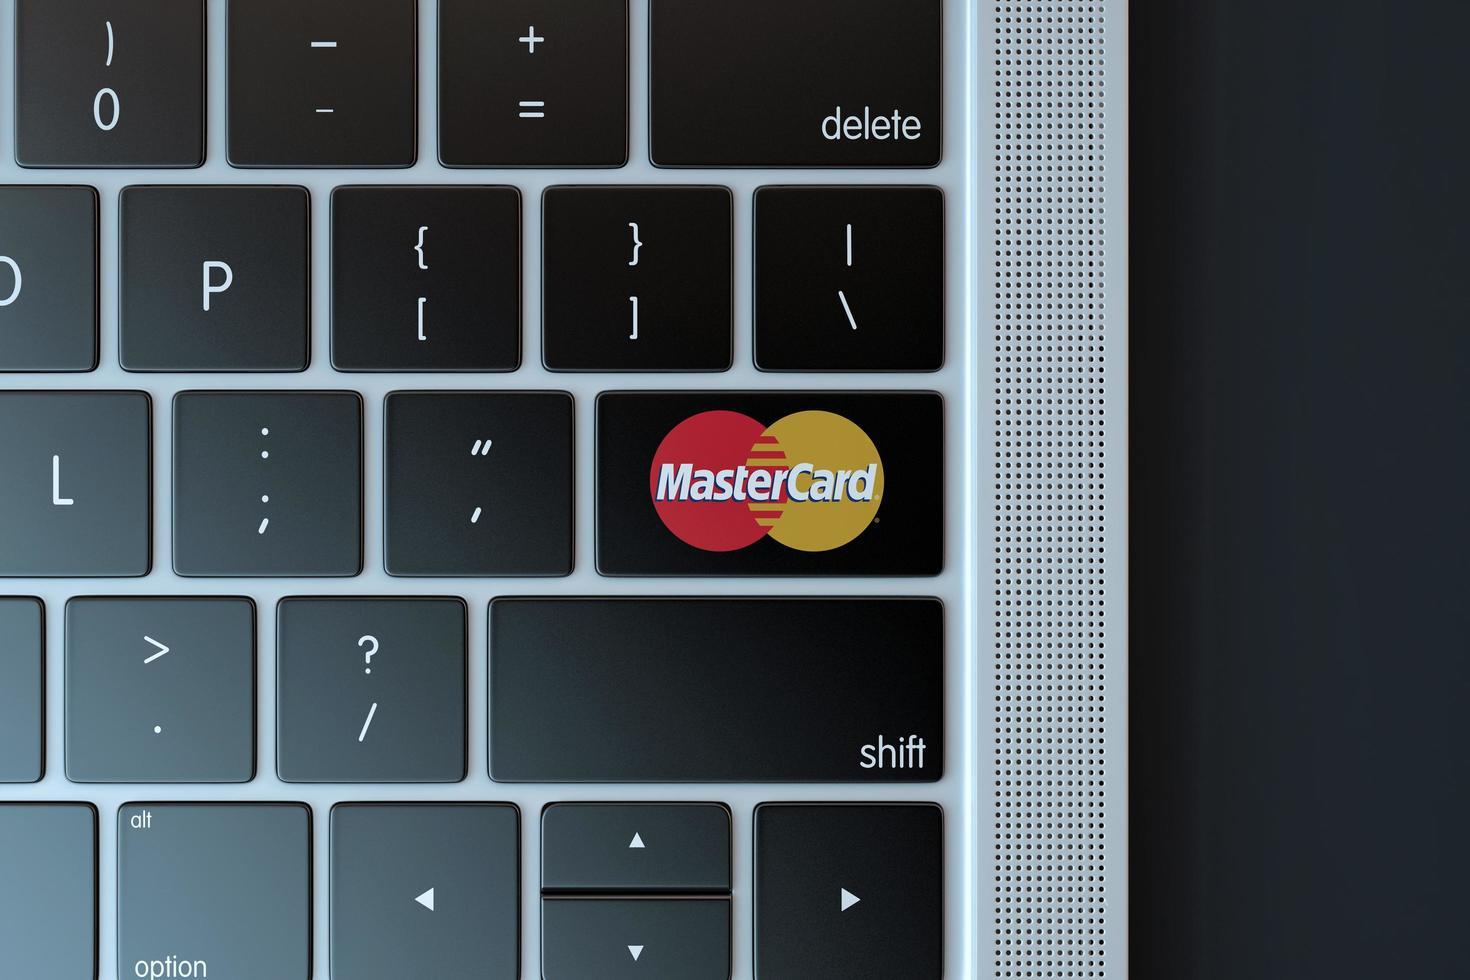 2018 - éditorial illustratif de l'icône de mastercard sur le clavier de l'ordinateur photo